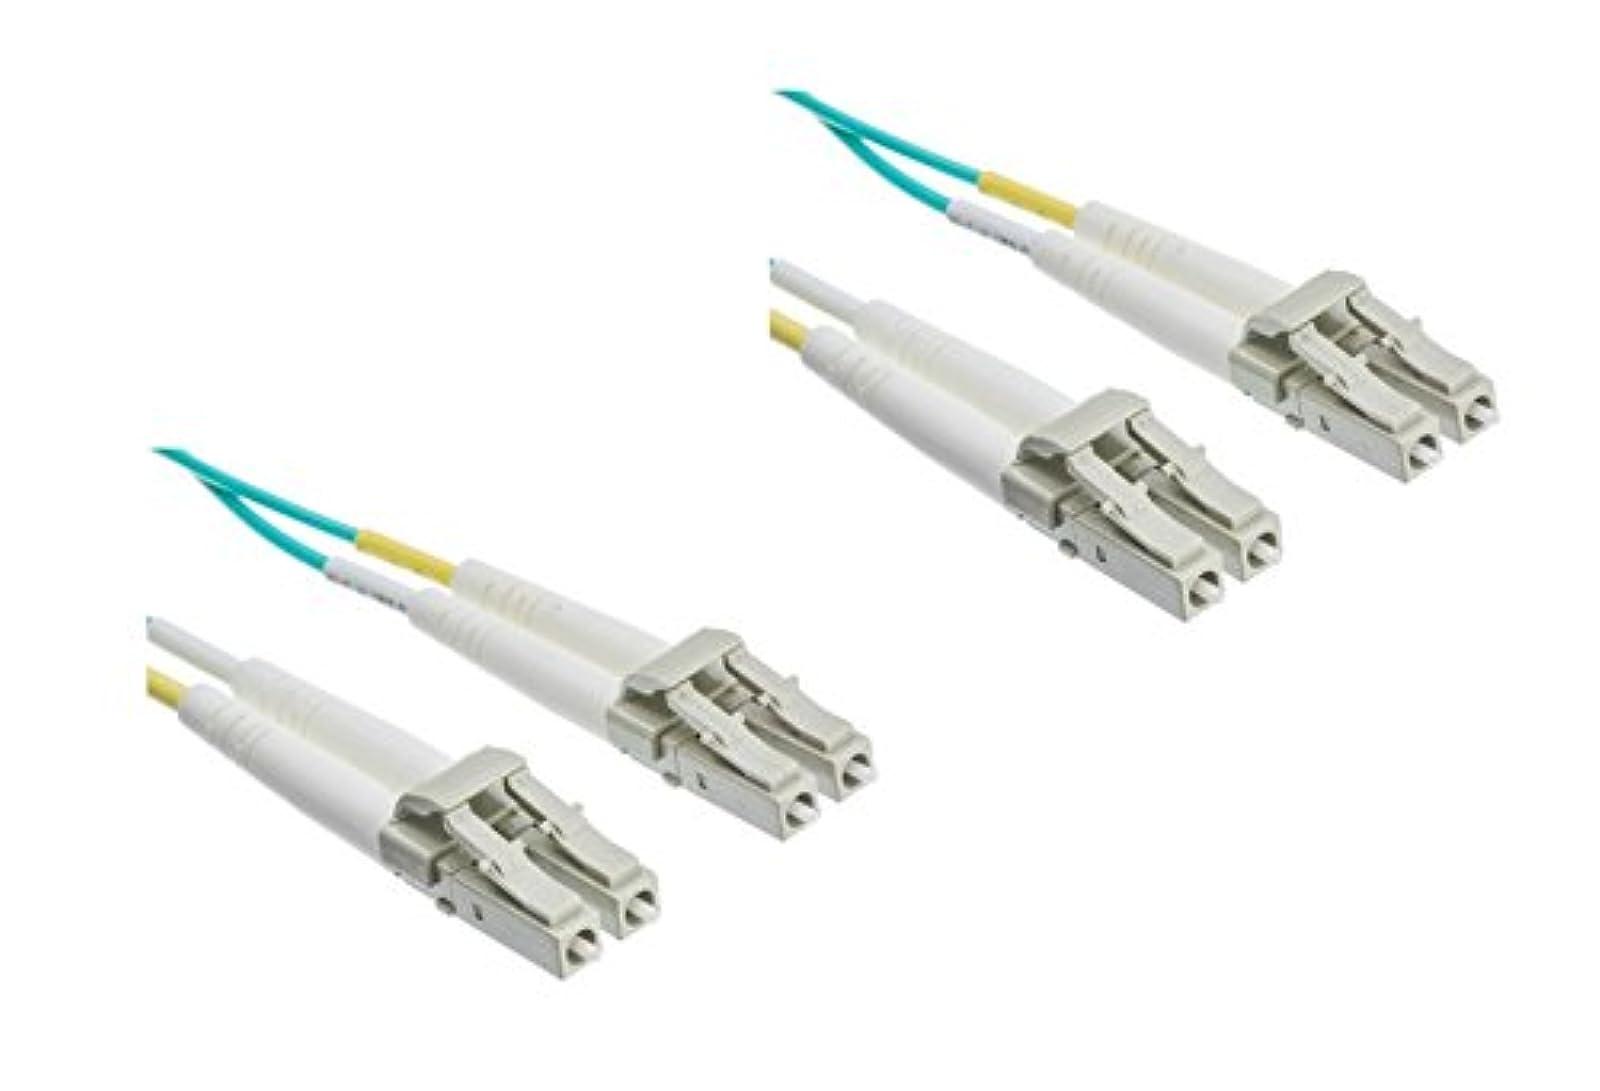 2 Pack 15 Meter 10 Gigabit Aqua Fiber Optic Cable Lc/lc Multimode Duplex 50/125